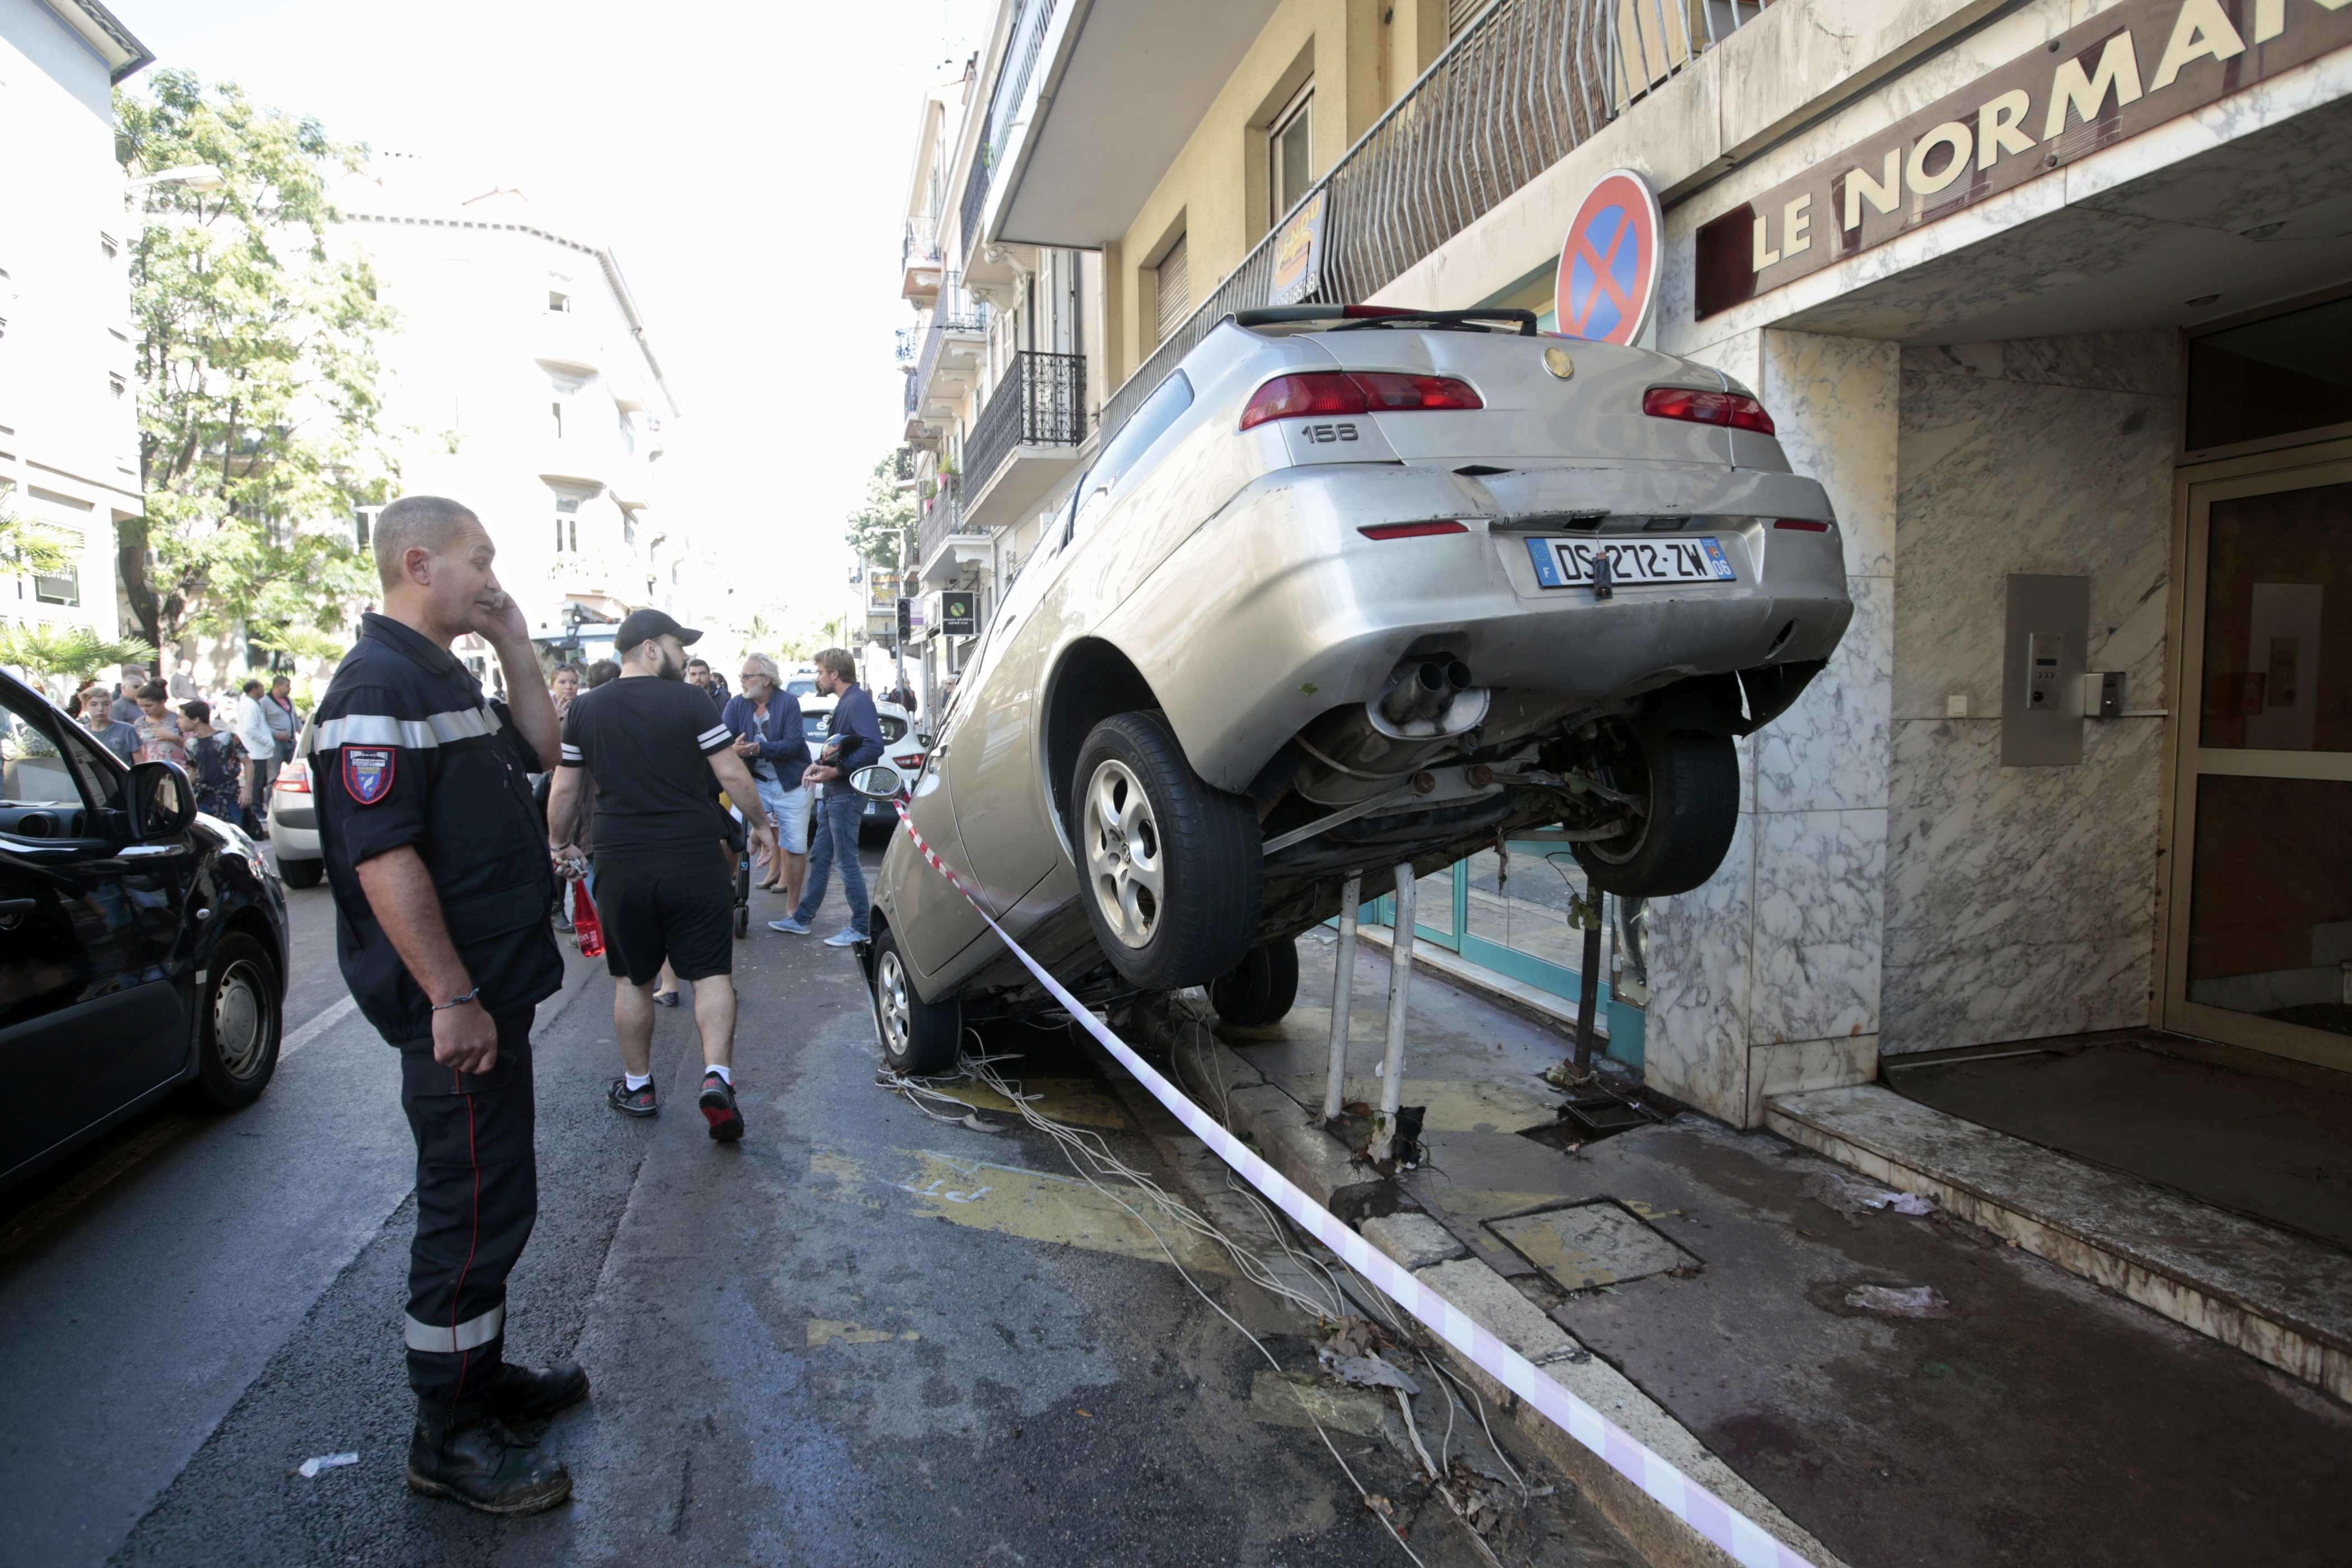 Voitures renversées, enchevêtrées, arbres arrachés, routes barrées. Dimanche 4octobre, un pompier de Cannes établit un cordon de sécurité à côté d'une voiture emportée par les pluies torrentielles dans la nuit du 3 octobre 2015.